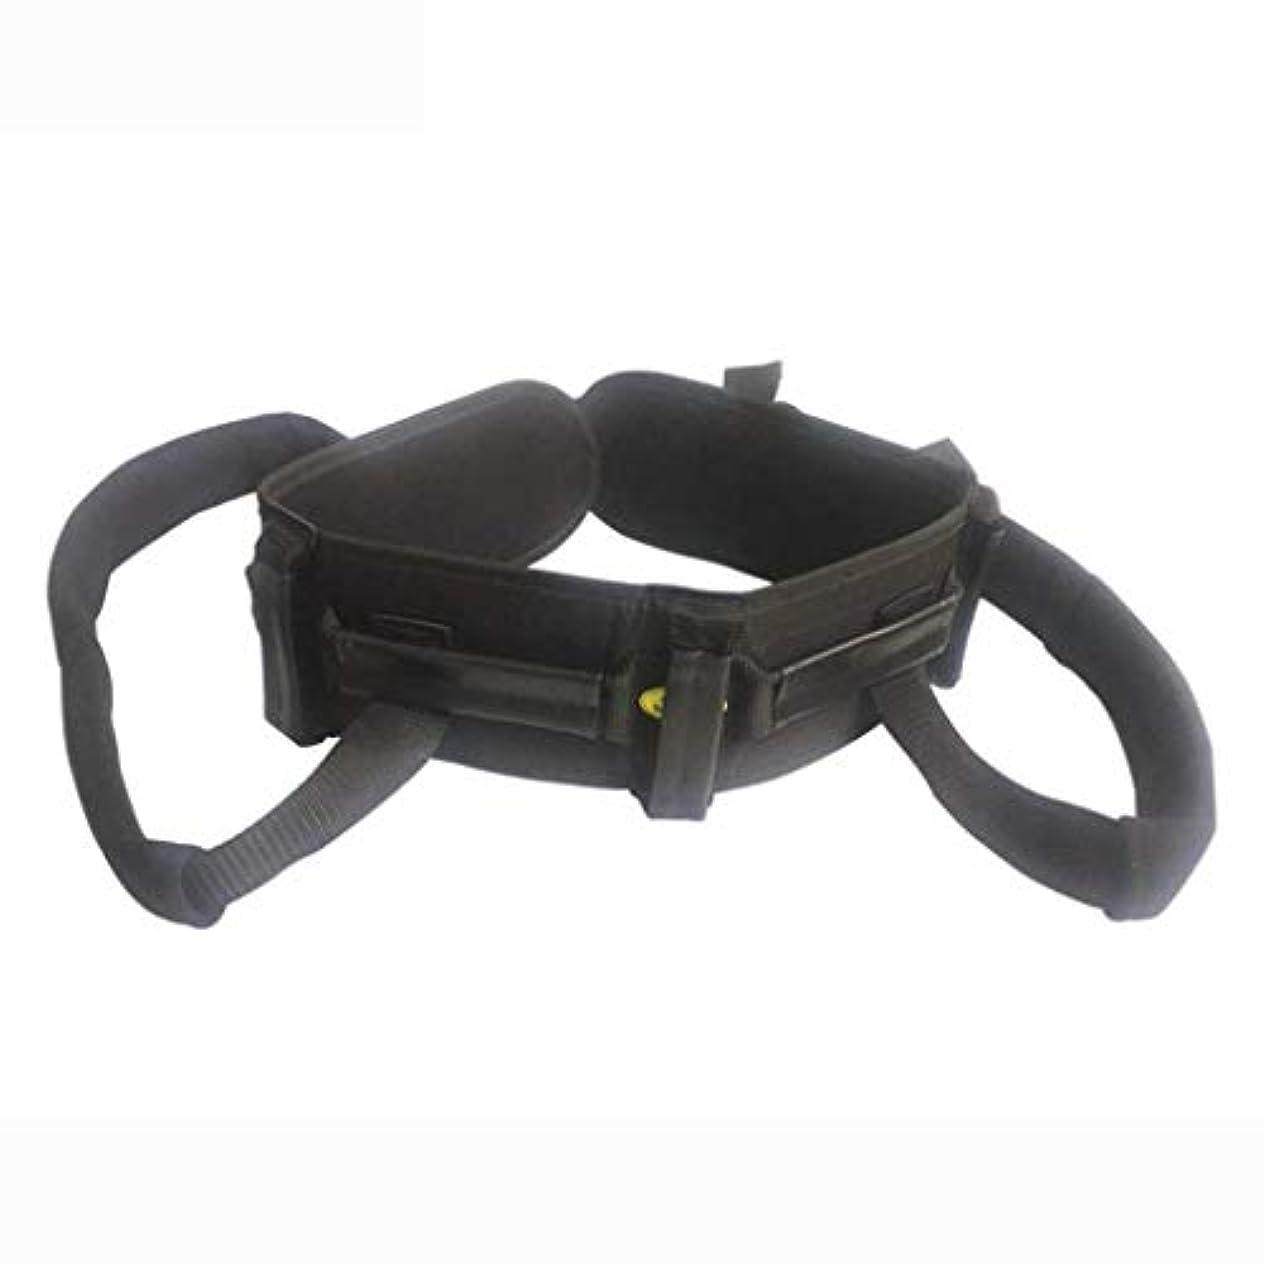 リンク基本的な破裂歩行ベルトトランスファーベルト付きレッグループ医療用リフトスリング患者ケア安全ウォーキングヘルスナーシングベルト歩行補助器具